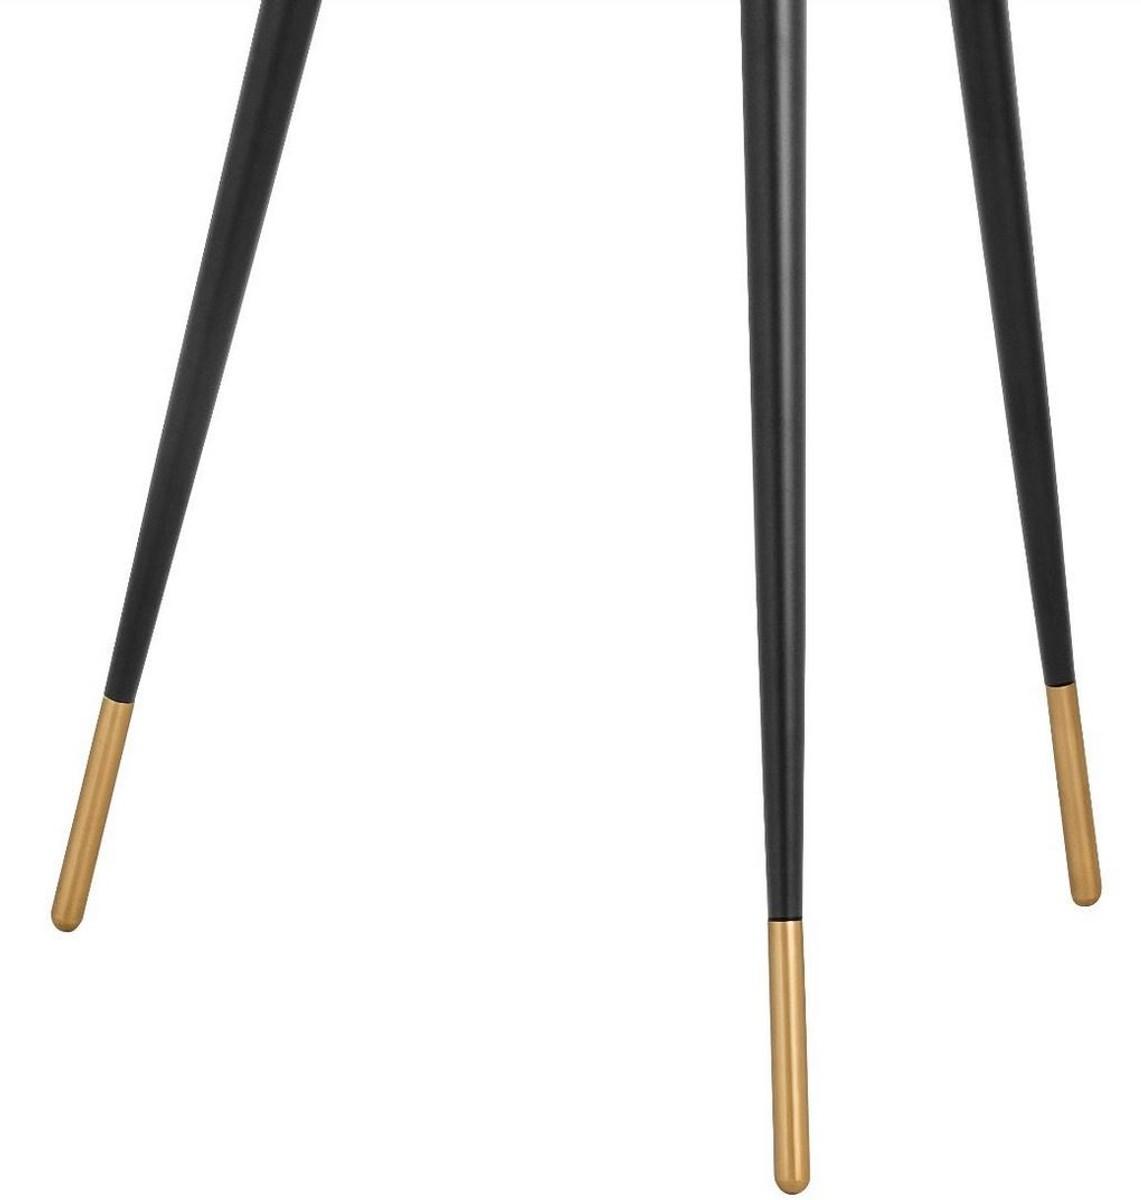 Full Size of Casa Padrino Designer Led Stehleuchte Antik Messing Schwarz 70 Wohnzimmer Lampe Teppiche Relaxliege Tapete Stehlampe Bilder Xxl Deckenleuchte Gardine Schrank Wohnzimmer Moderne Stehlampe Wohnzimmer